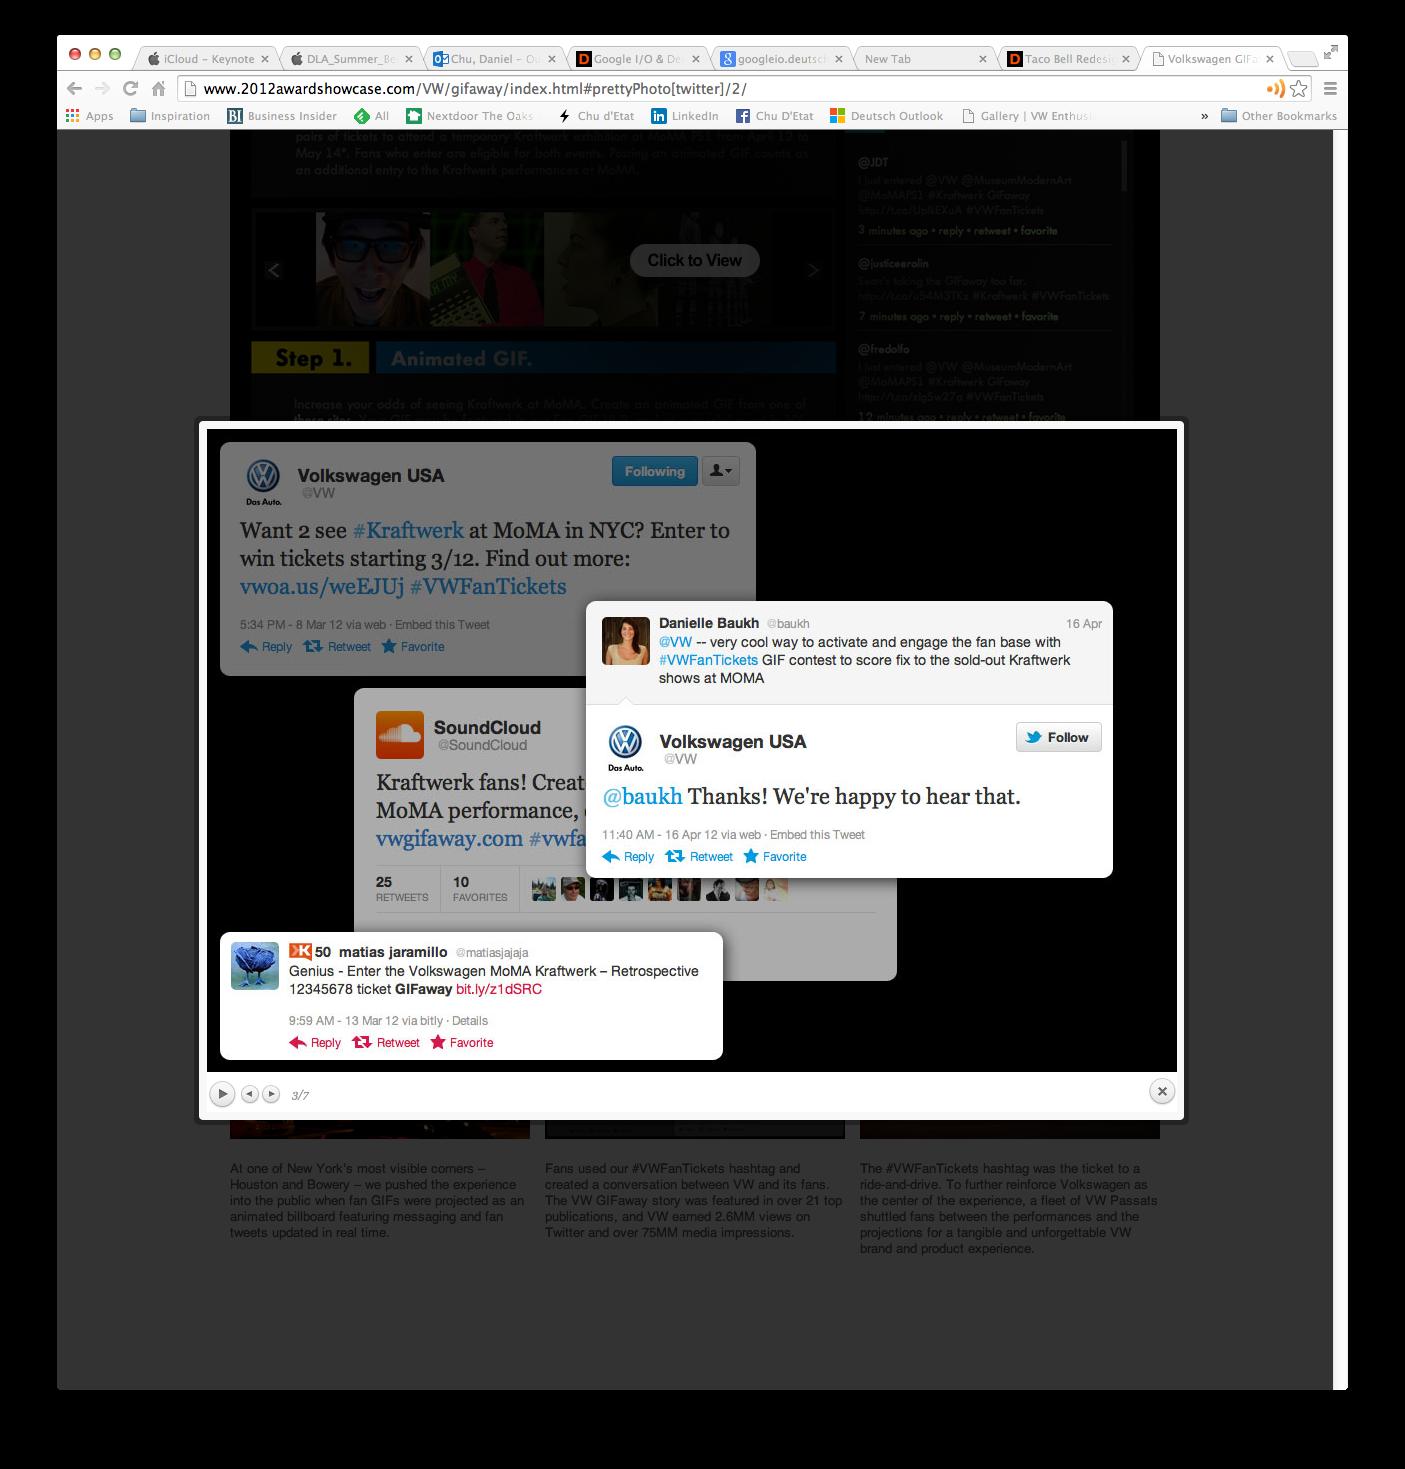 Screen Shot 2014-08-18 at 12.11.31 PM.png